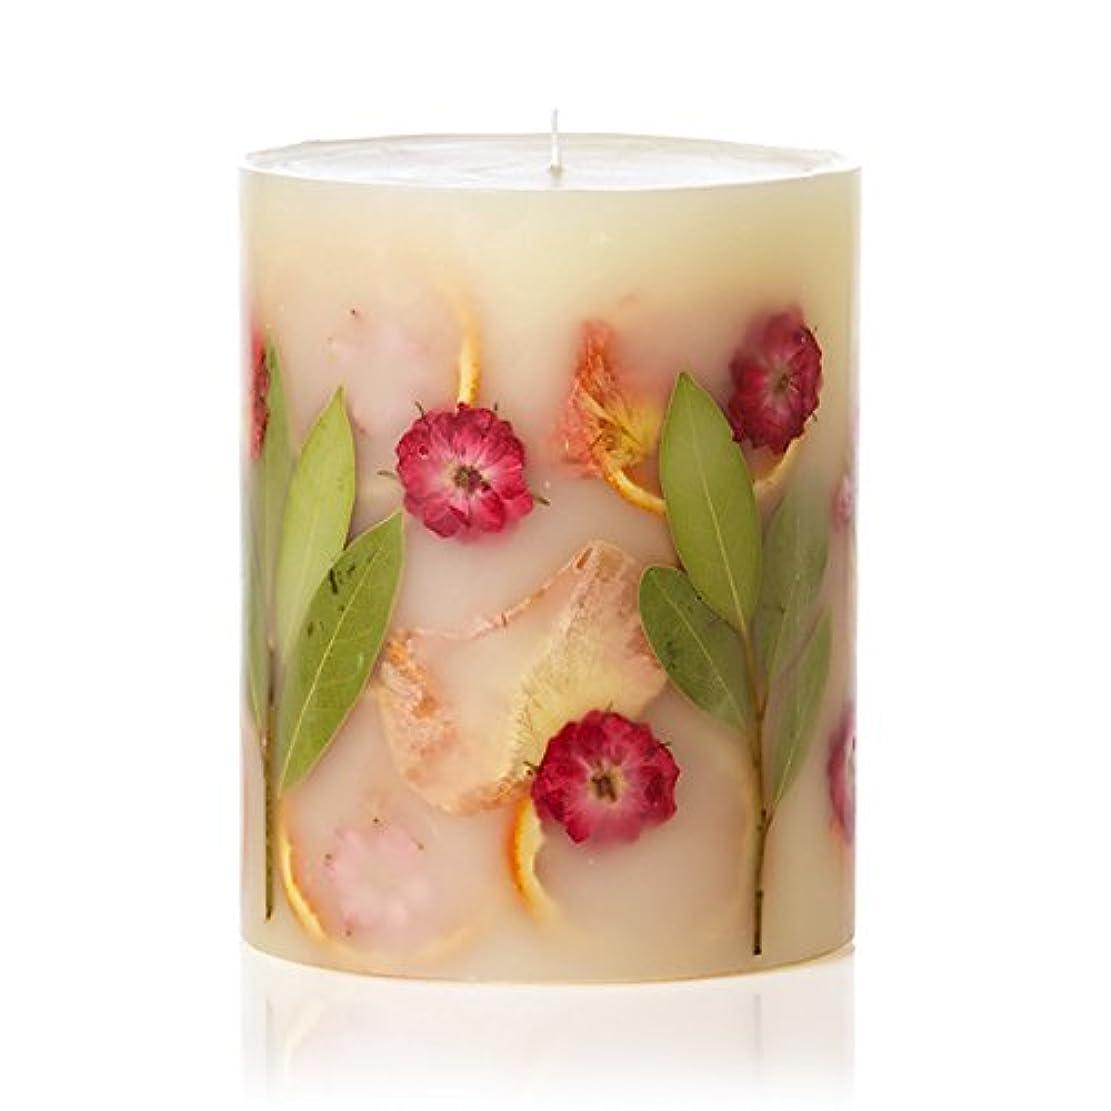 協定消化ほかにロージーリングス ボタニカルキャンドル トールラウンド ピオニー&ポメロ ROSY RINGS Round Botanical CandleTall Round Peony & Pomelo